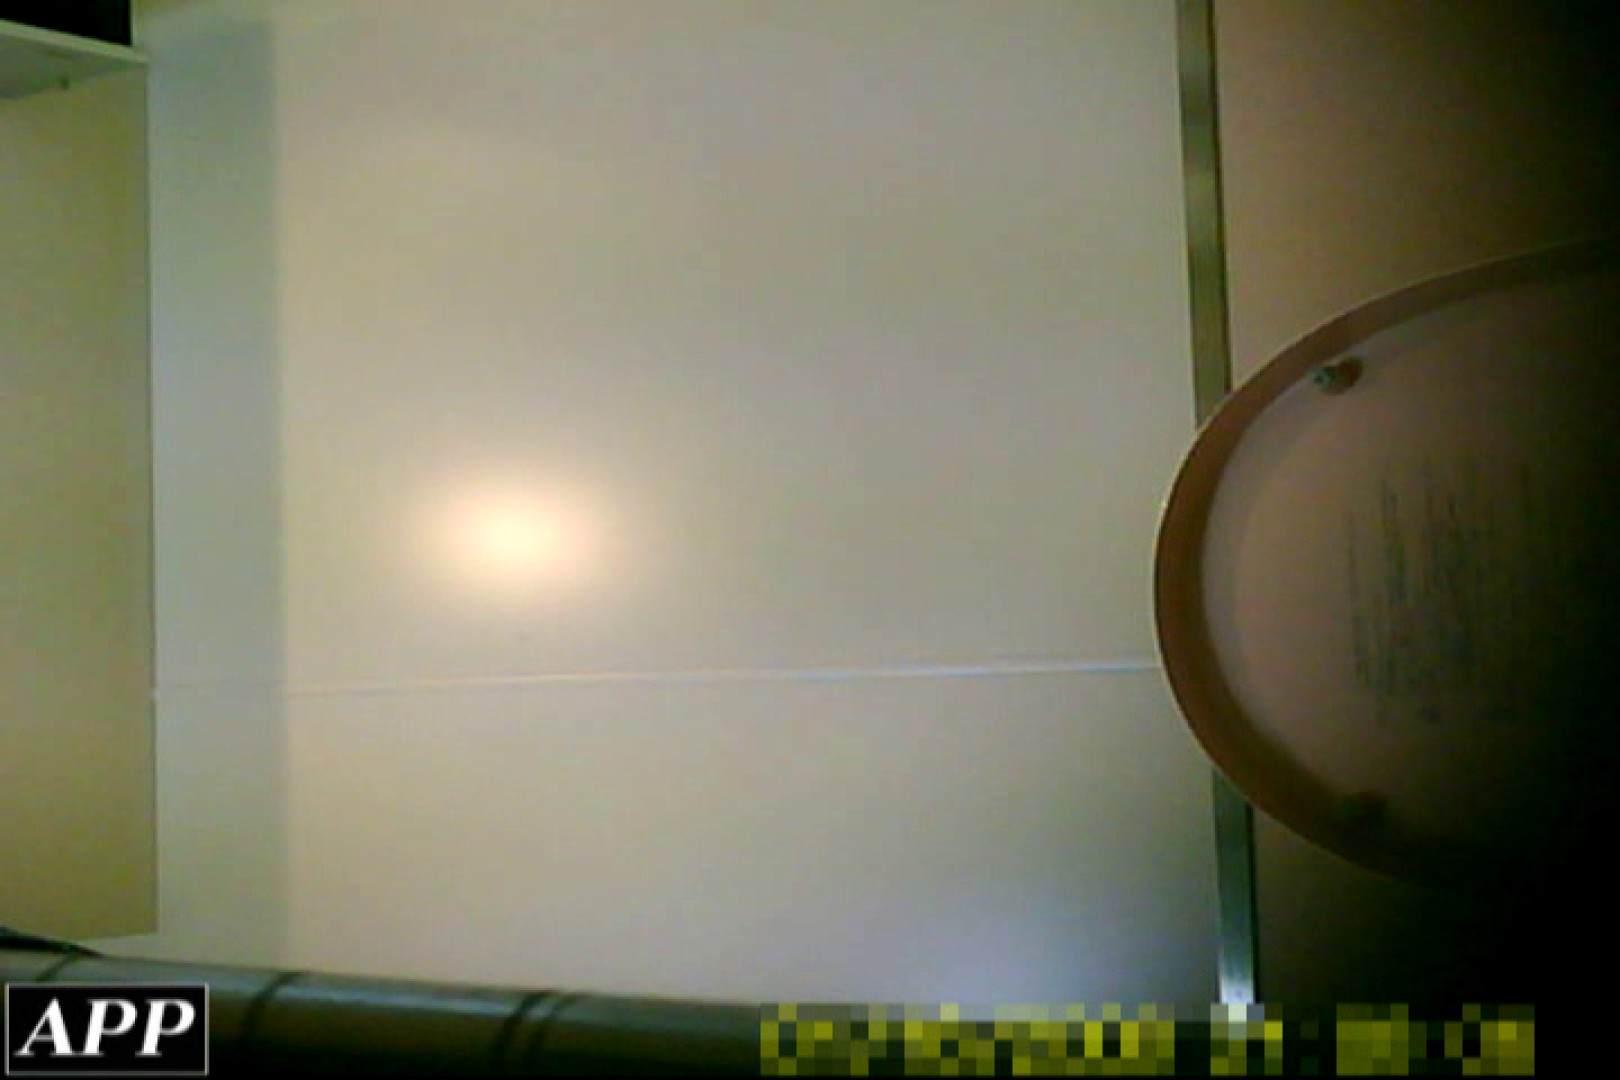 3視点洗面所 vol.009 OLの実態  89pic 66